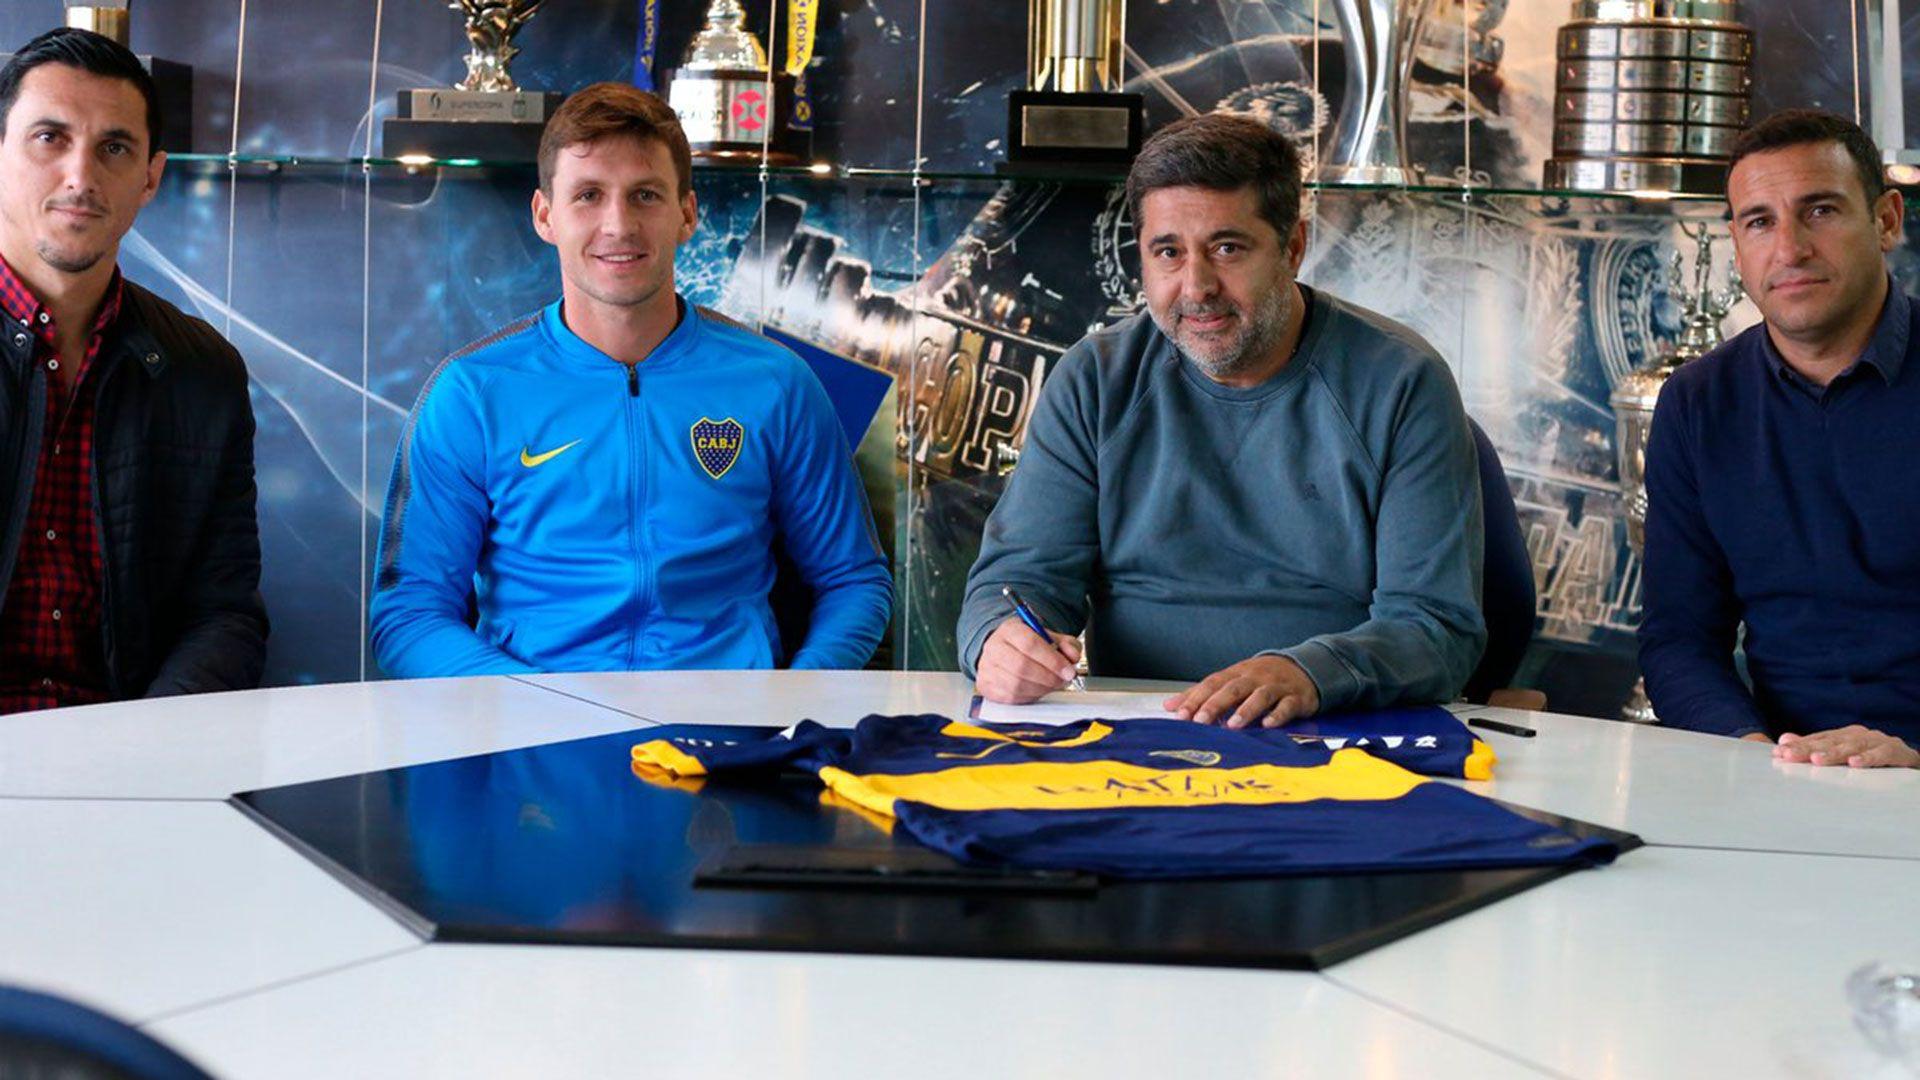 El cordobés firmó un contrato a préstamo con cargo por 18 meses, con opción de compra de cinco millones de dólares (@BocaJrsOficial)